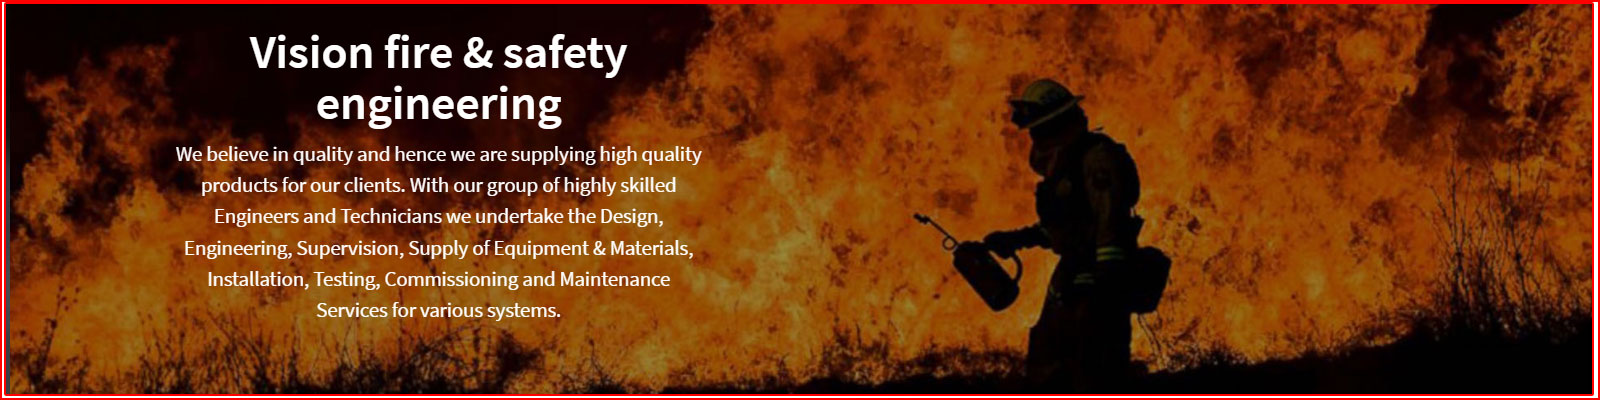 fireextinguisherssuppliers